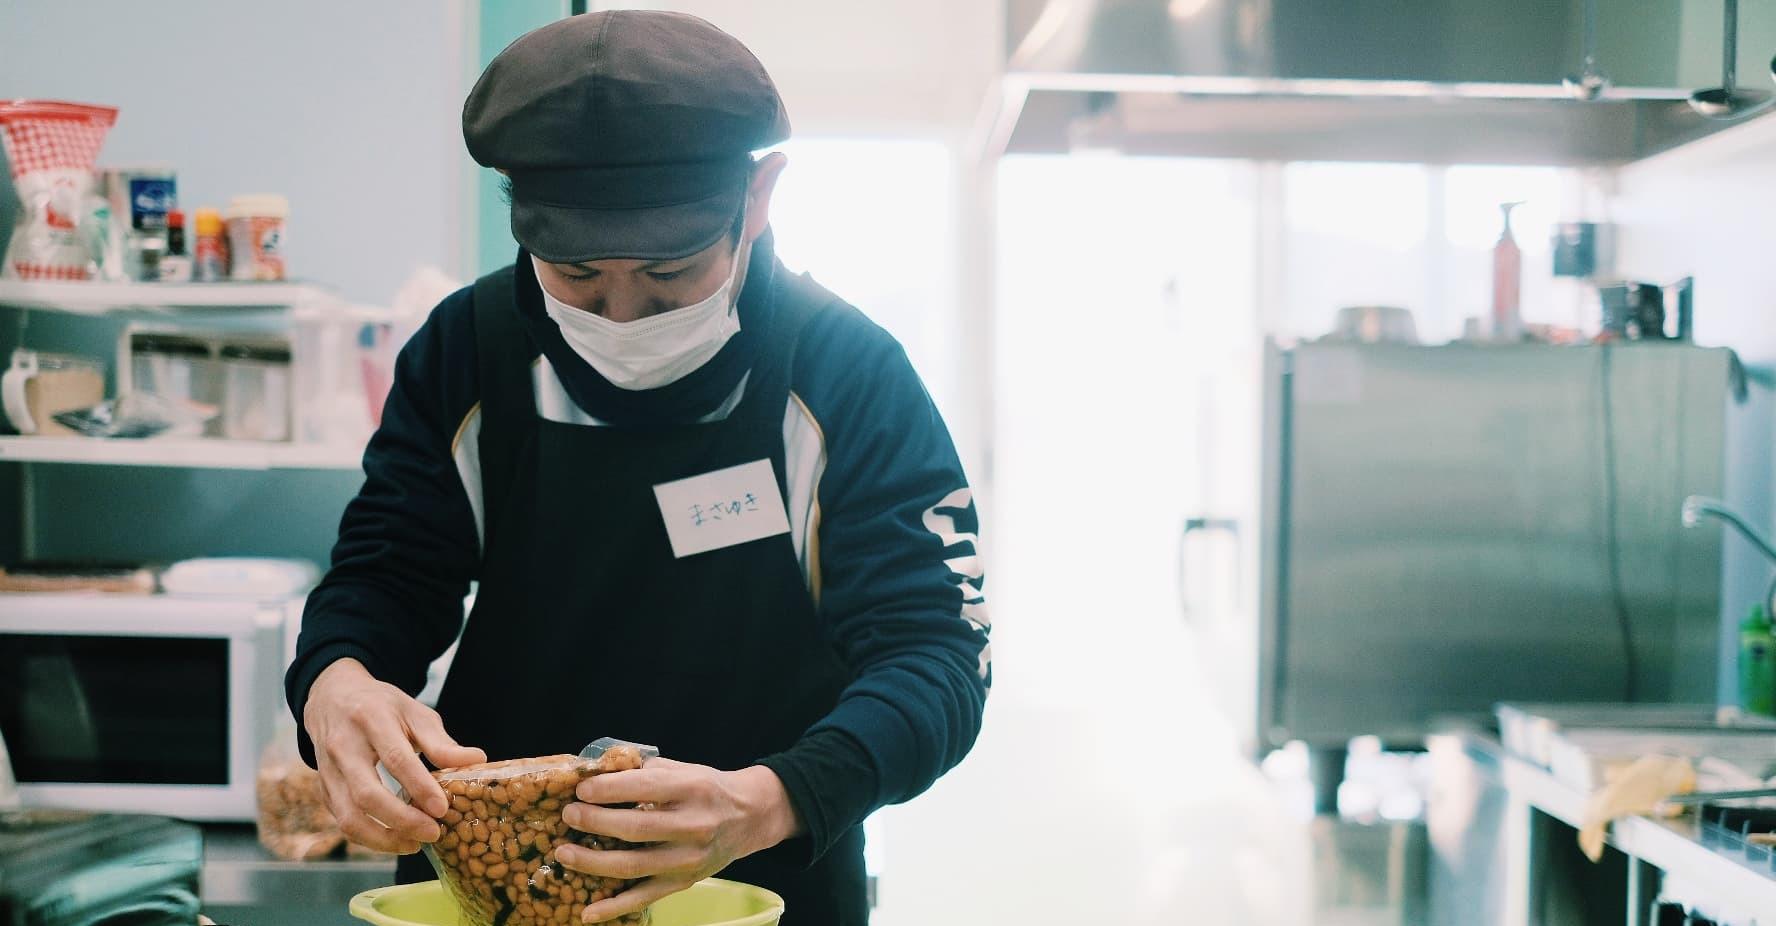 小松マサユキ(料理人)